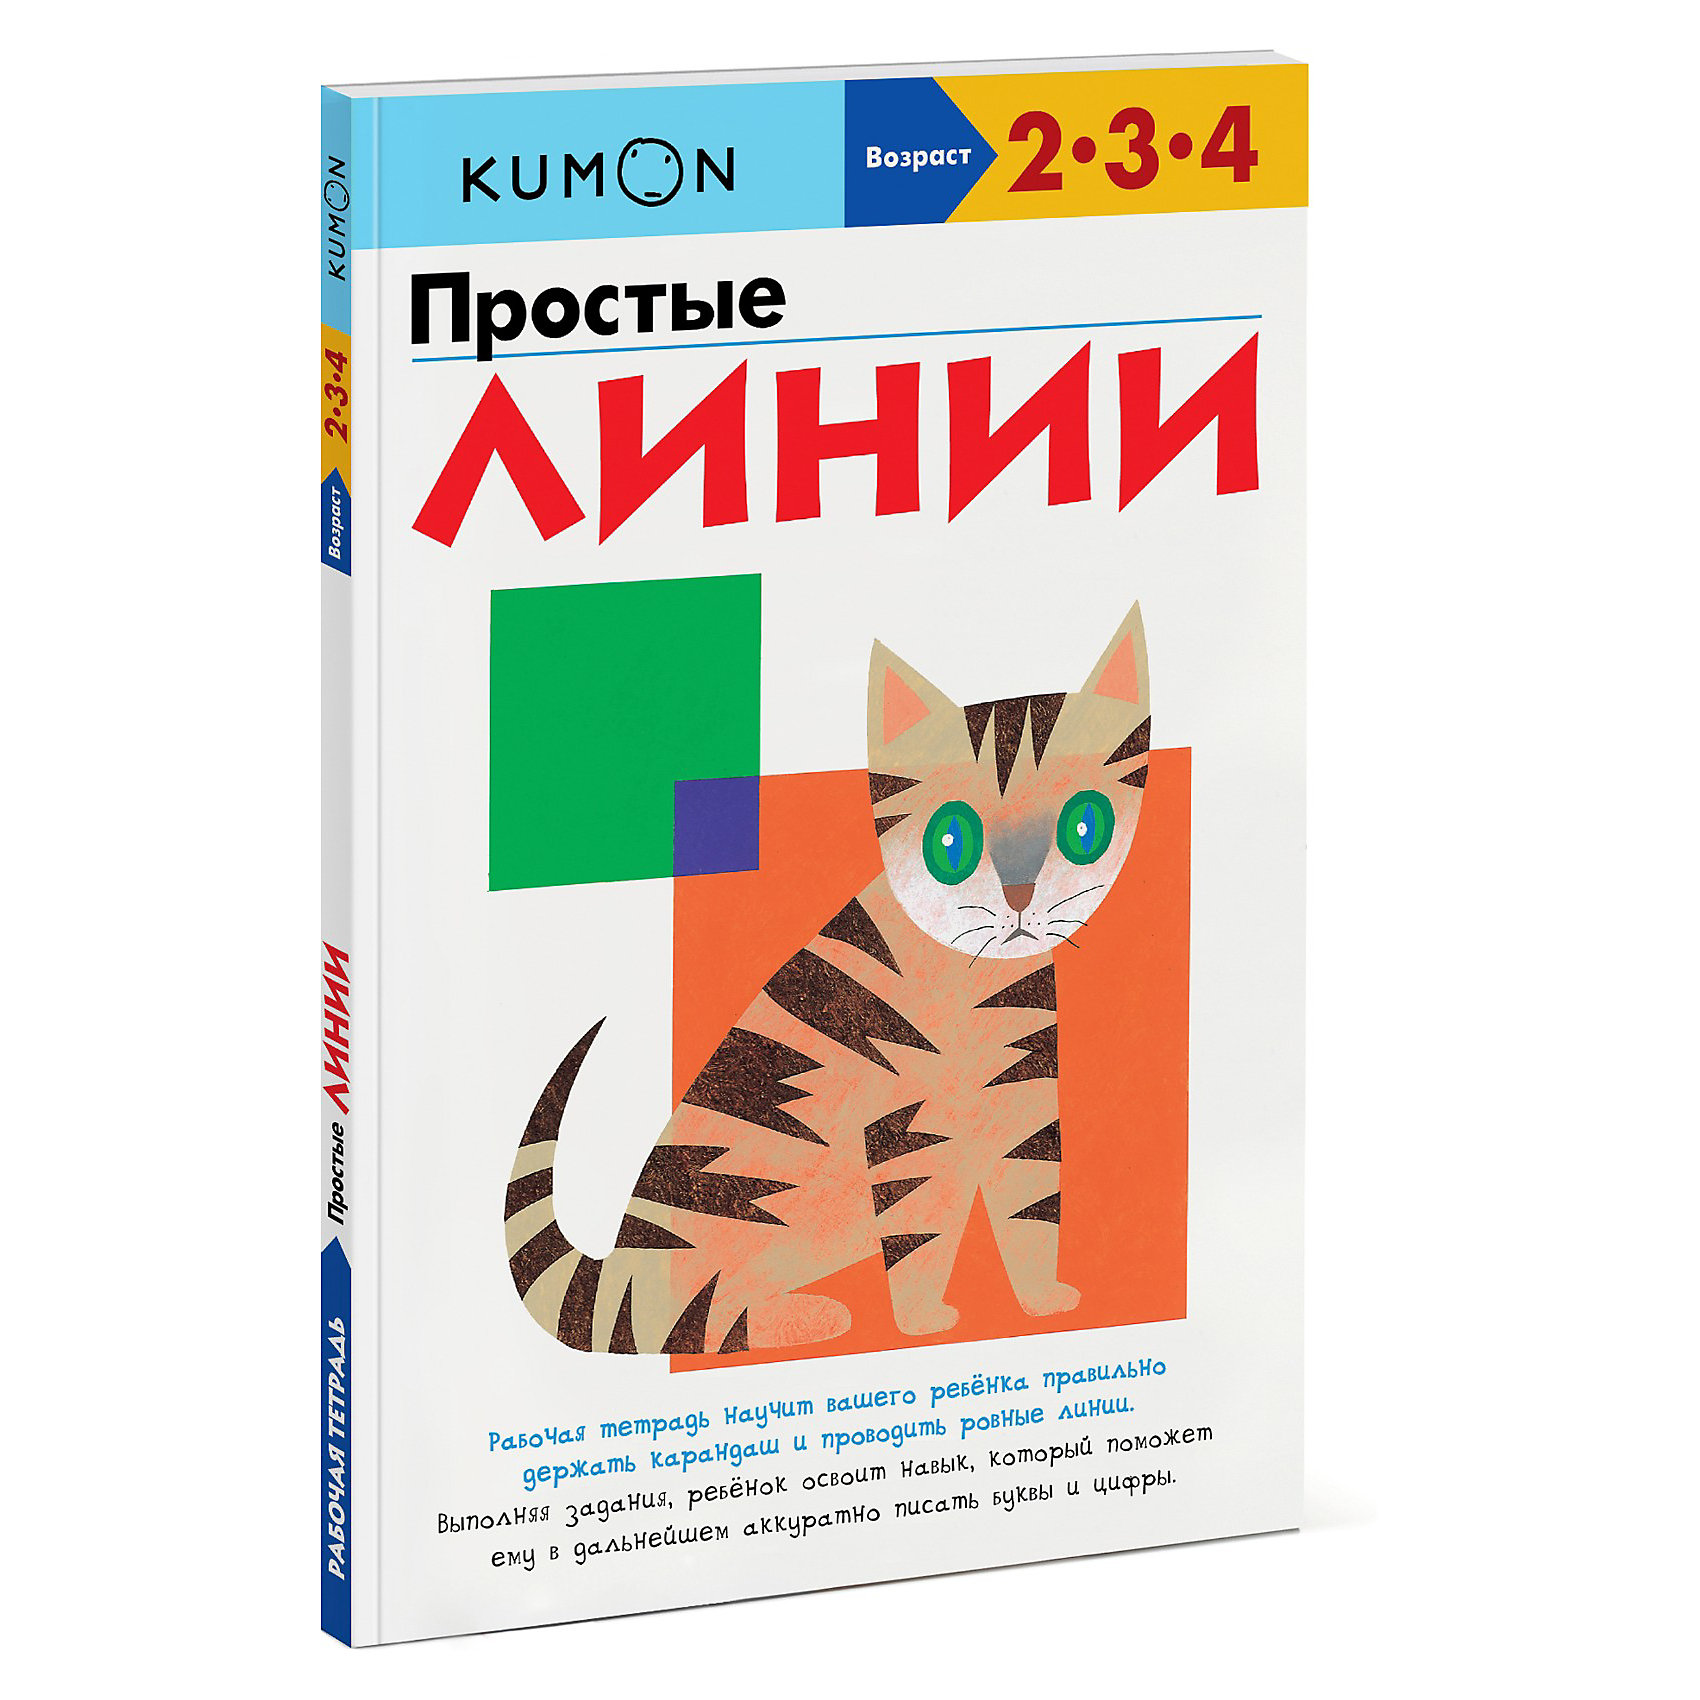 Простые линии KUMON, Манн, Иванов и Фербер